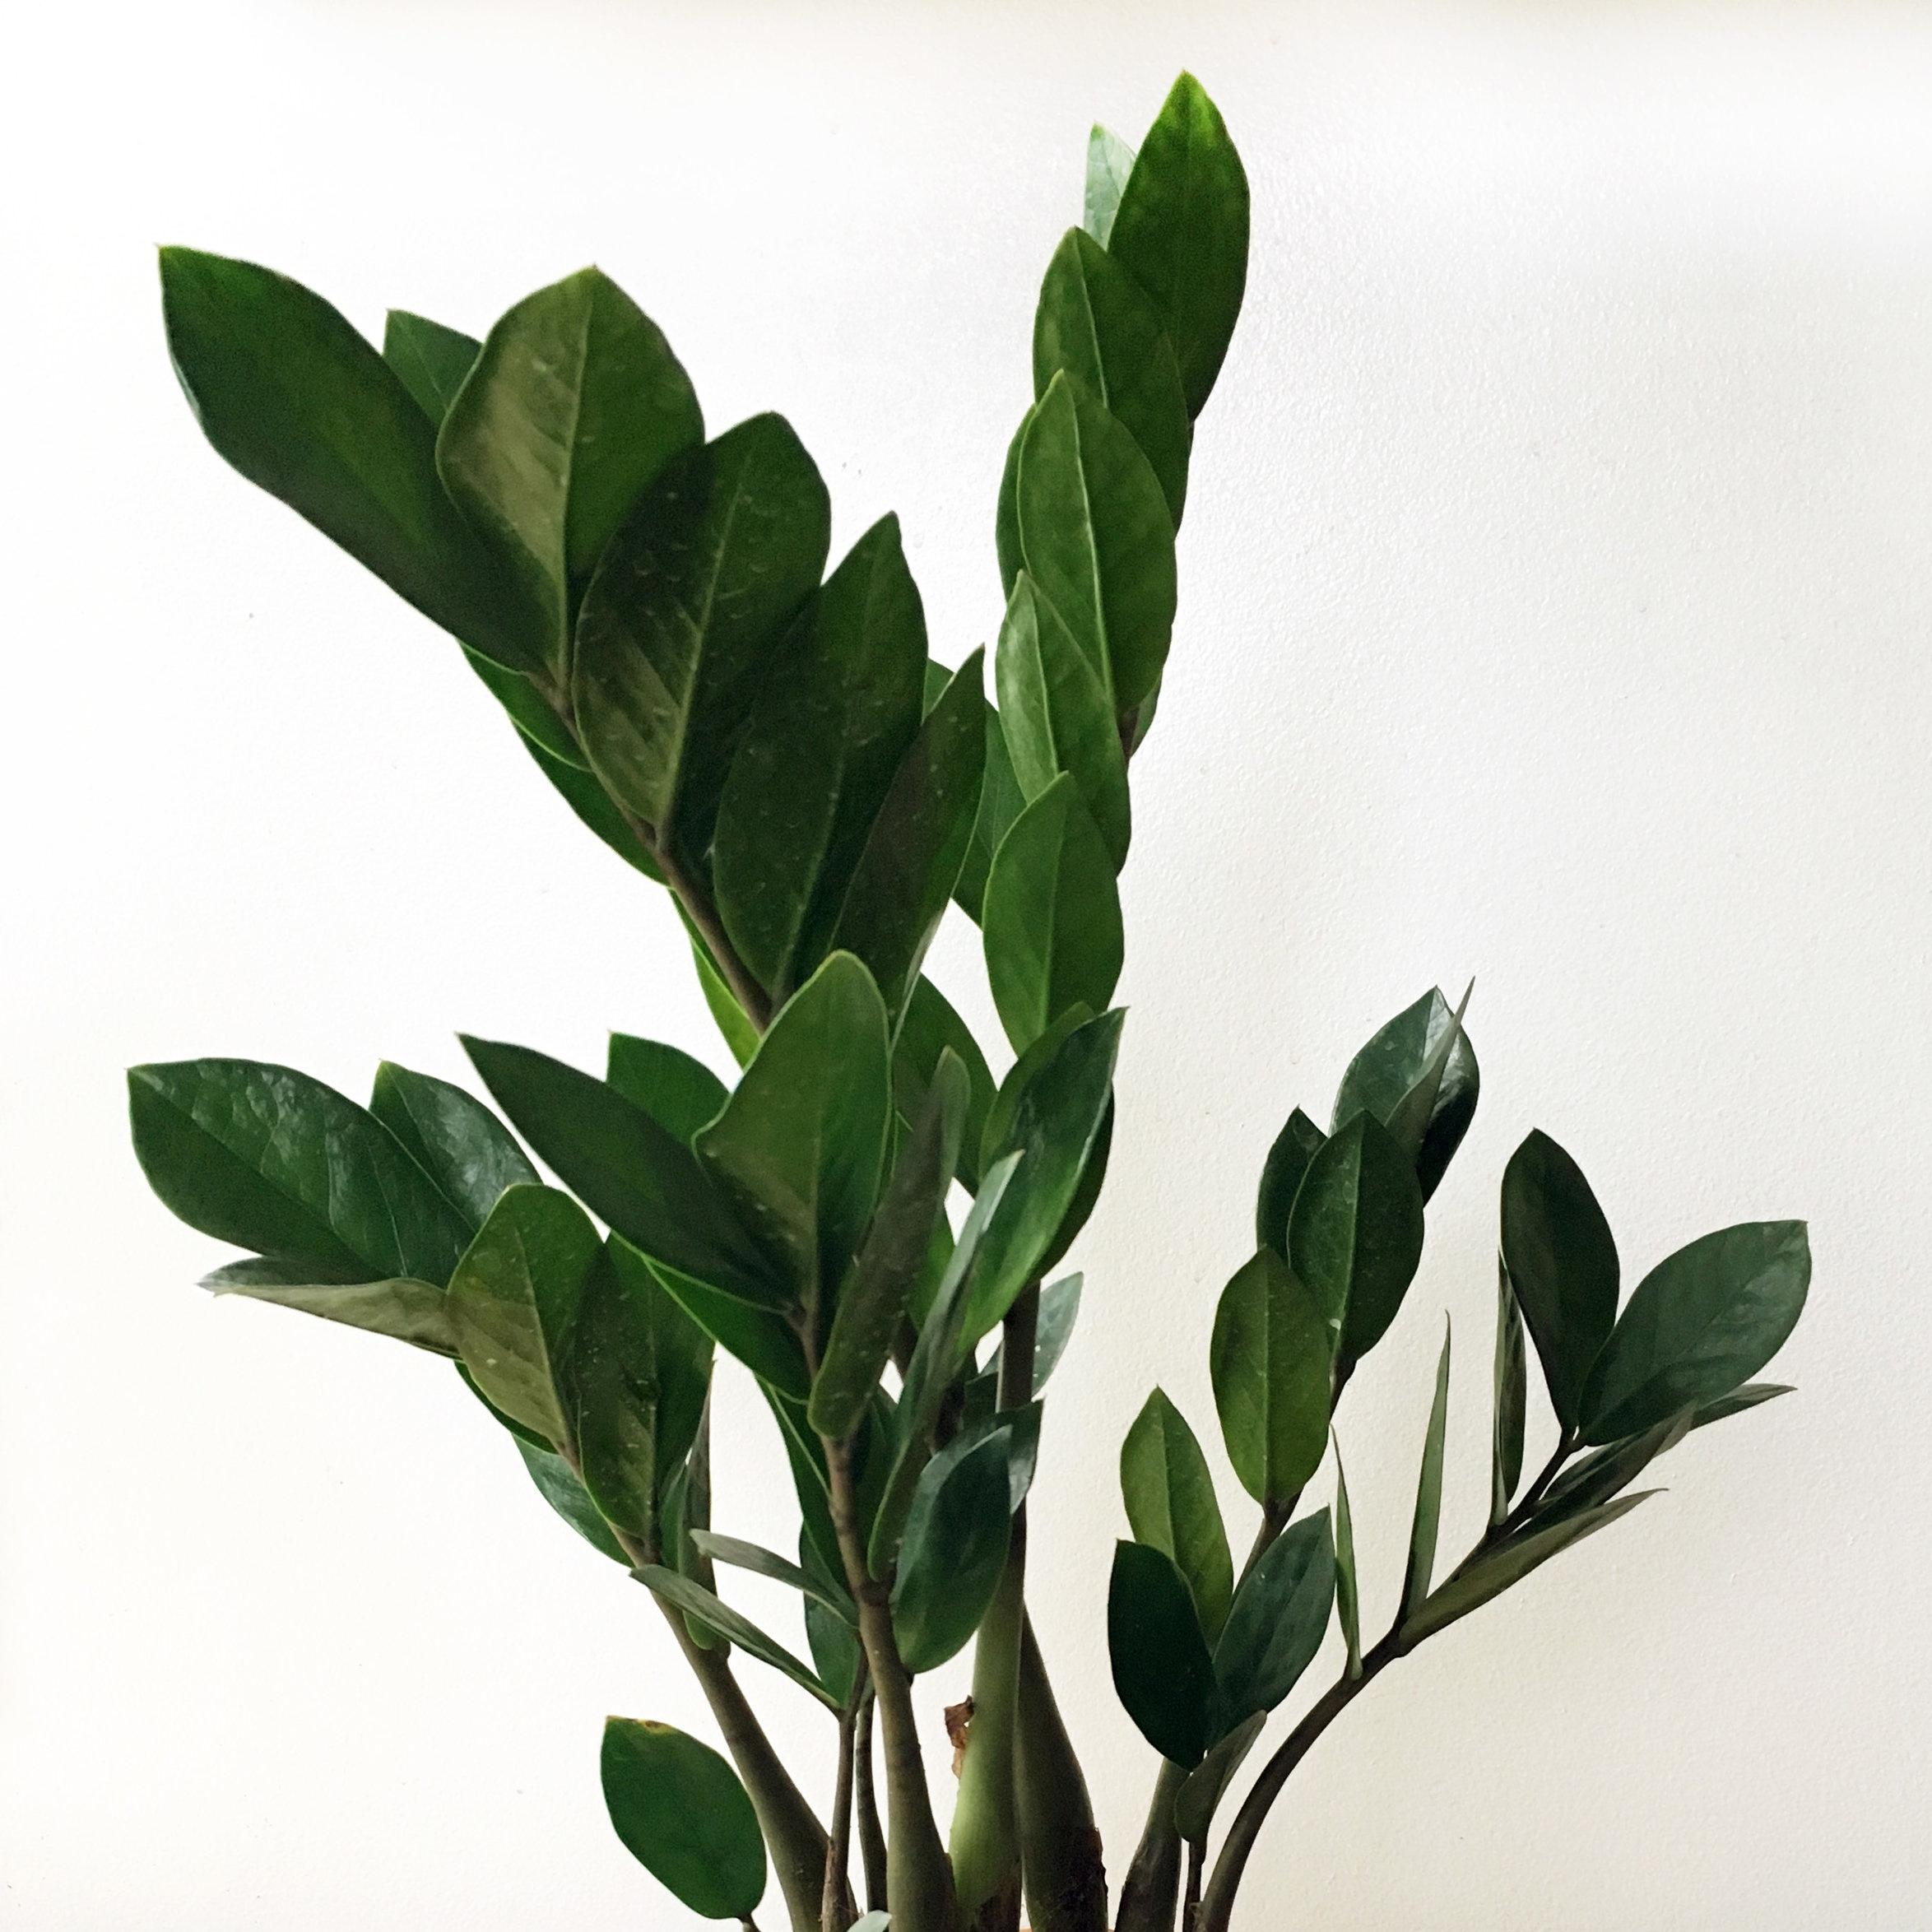 ZZ Plant - Zamioculcas zamiifolia